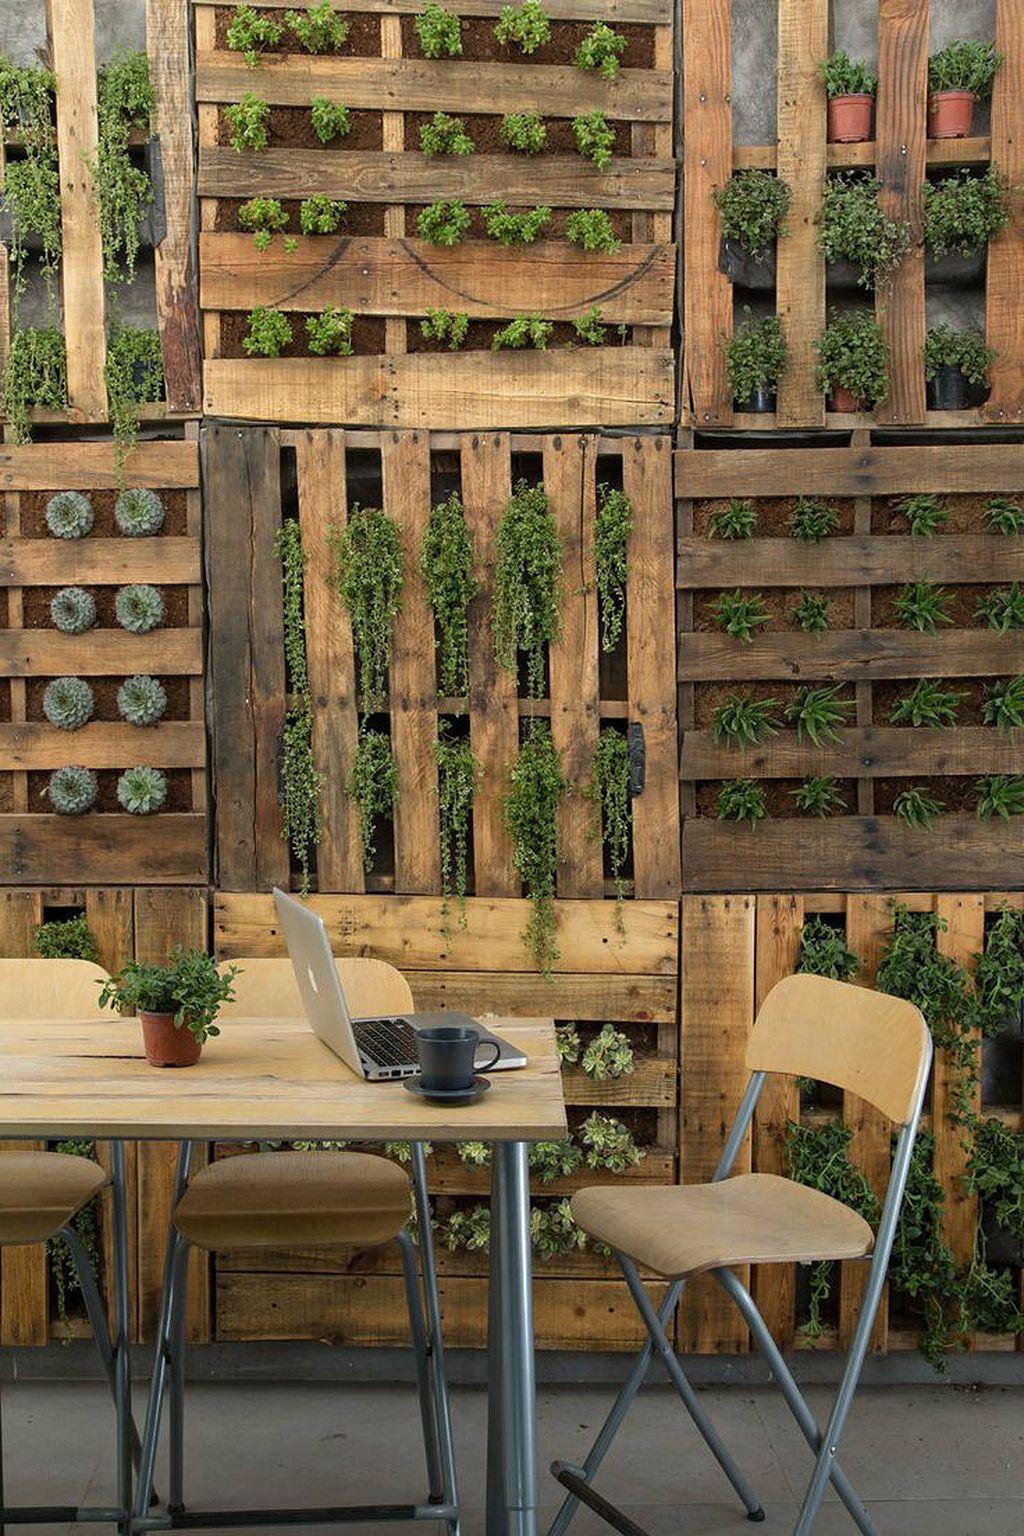 180 Vertical Gardening Ideas In Urban Spaces | Gardens